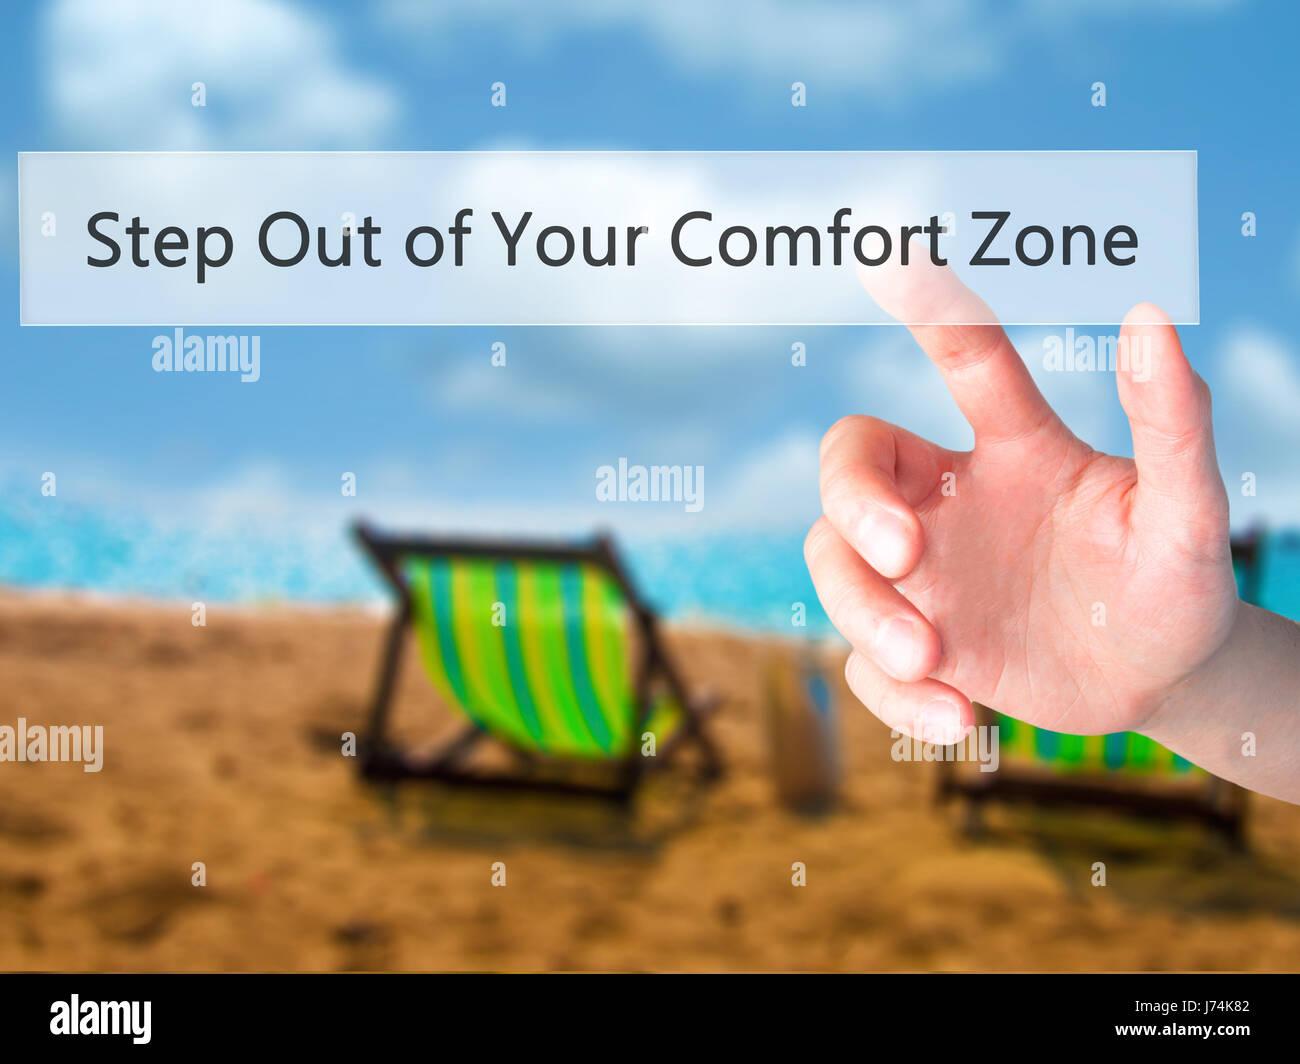 Sortez de votre zone de confort - part en appuyant sur un bouton sur l'arrière-plan flou concept . Le commerce, la technologie, internet concept. Stock Photo Banque D'Images